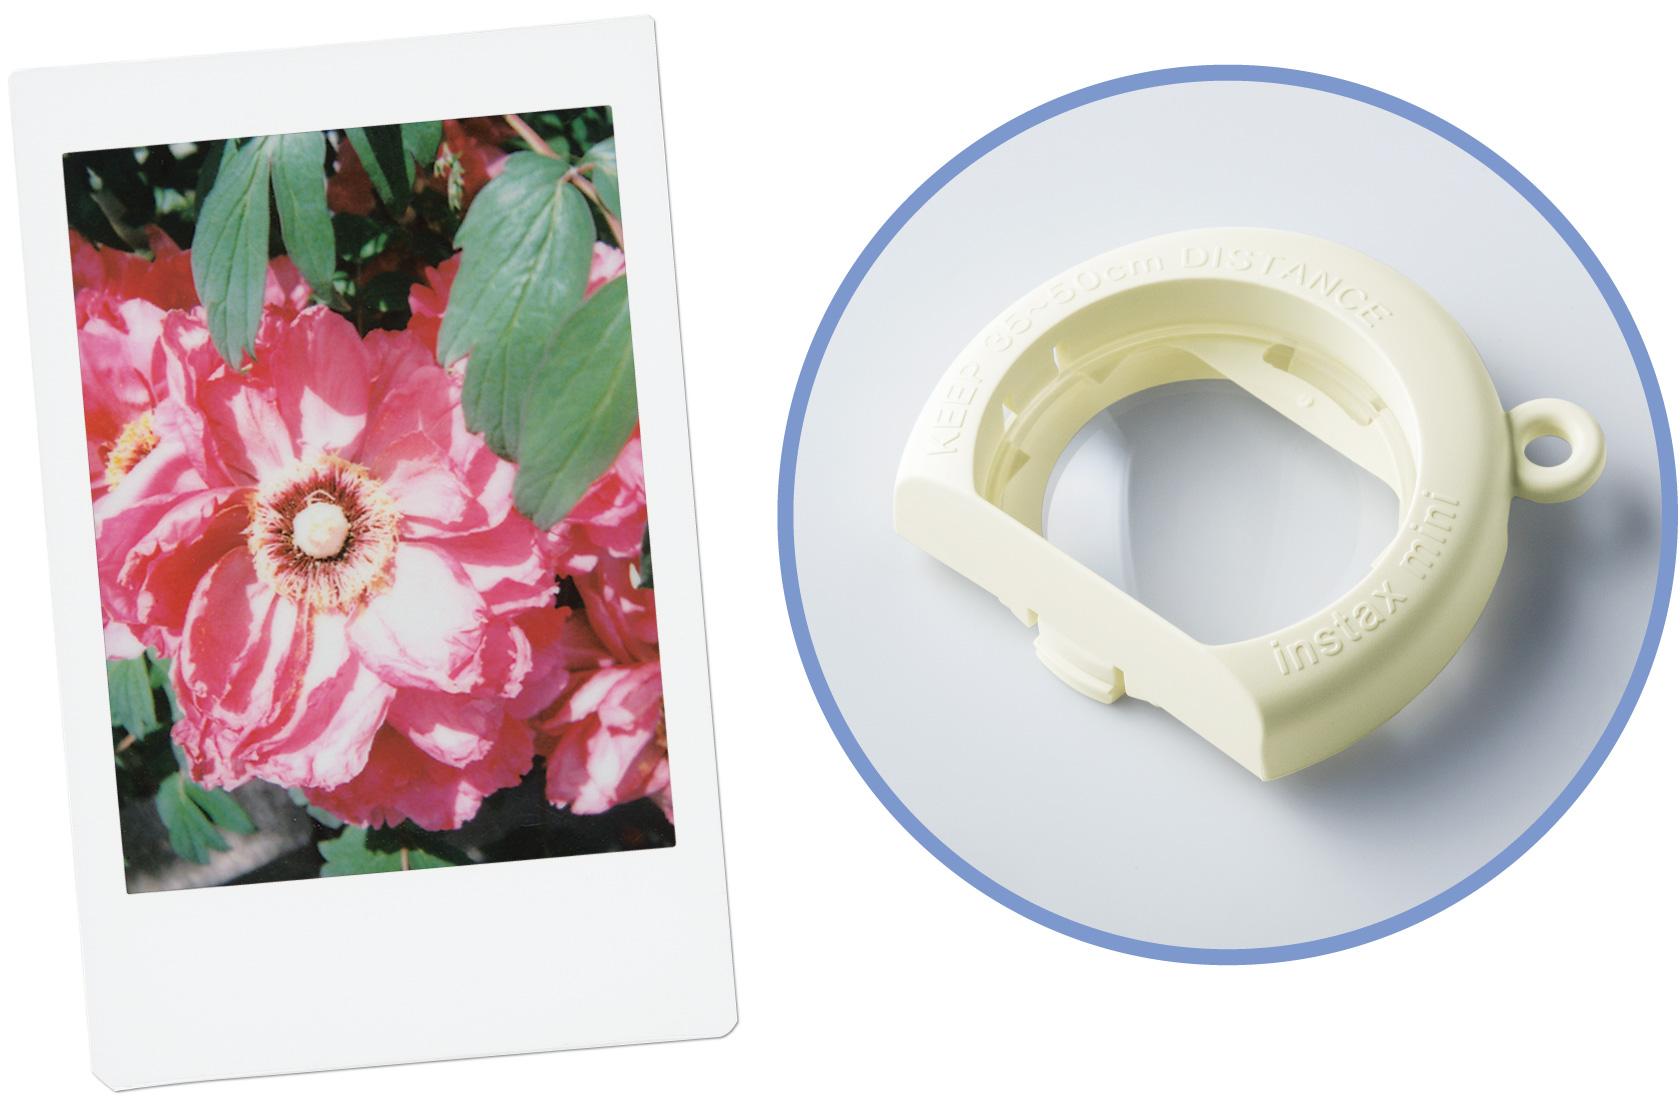 Imagen de accesorio de lente para acercamiento e imagen de una flor rosa